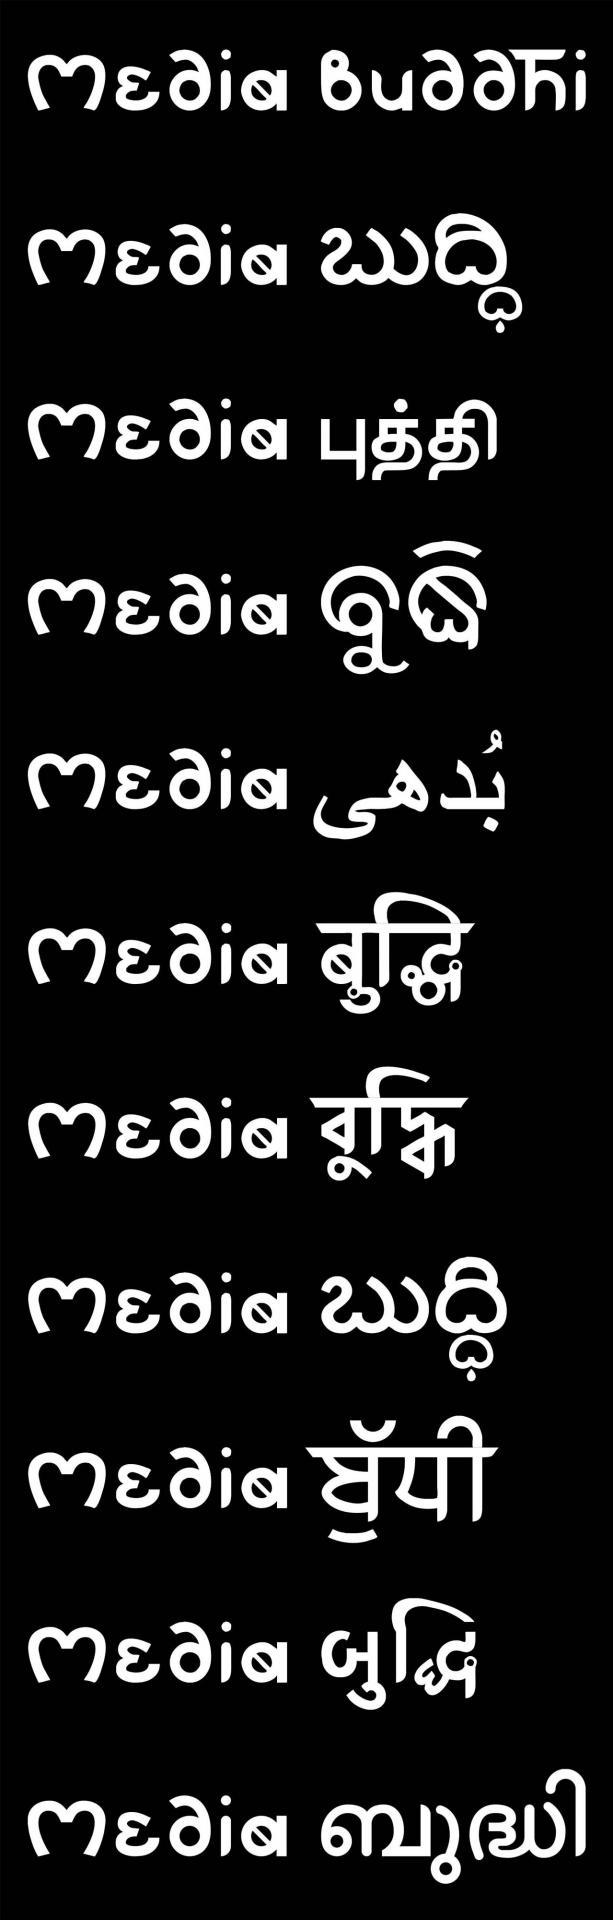 Sml mediabuddhi01